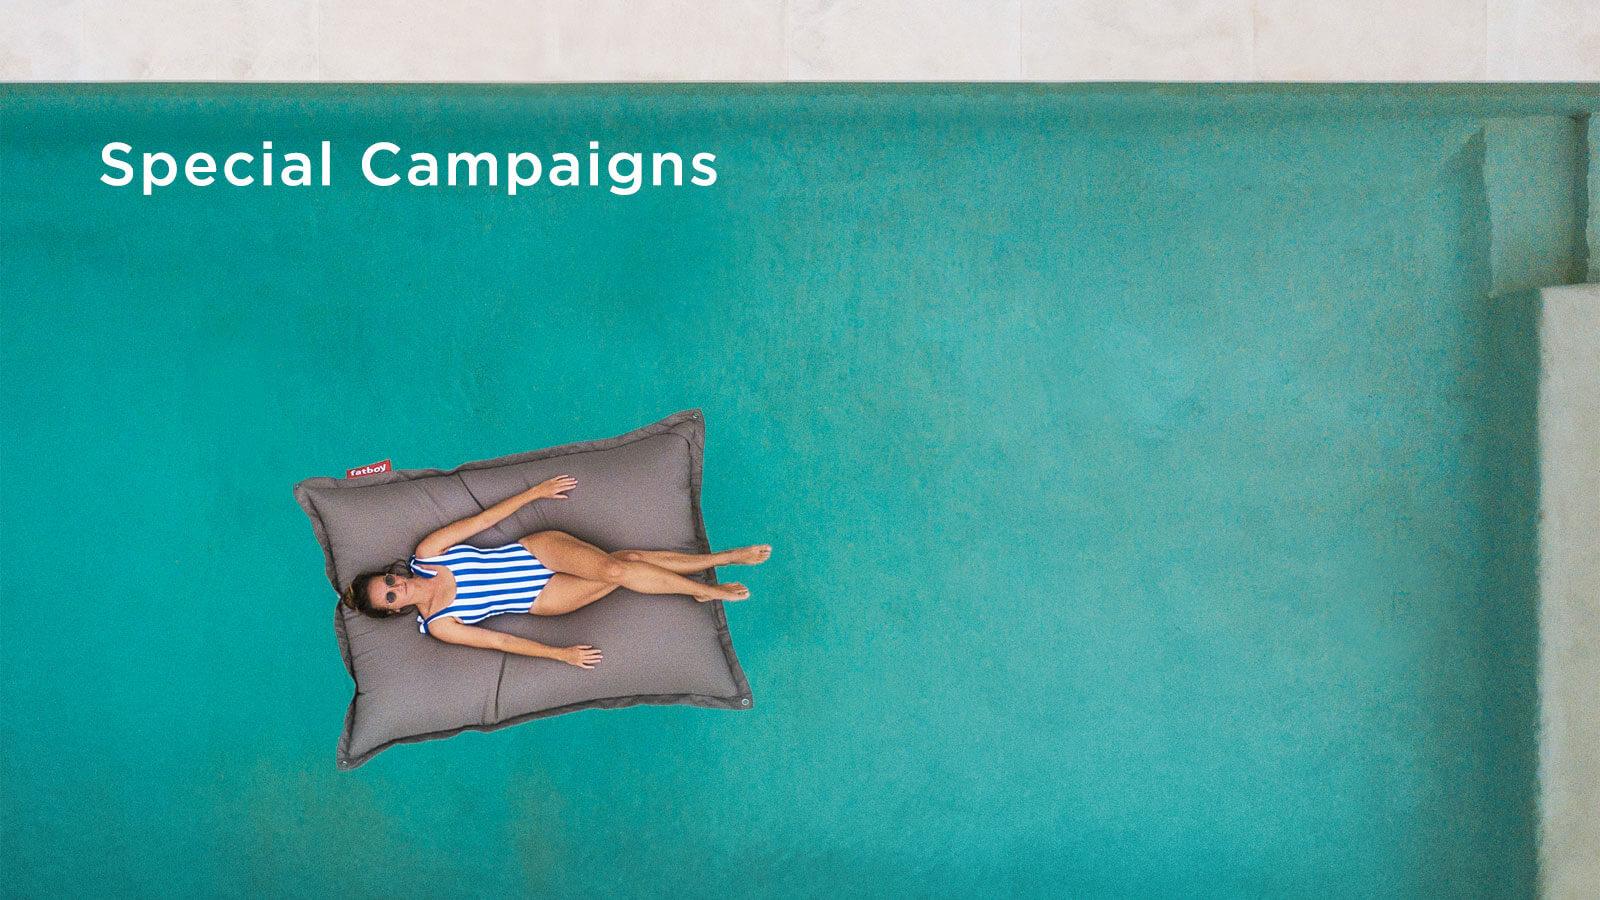 Special campaigns